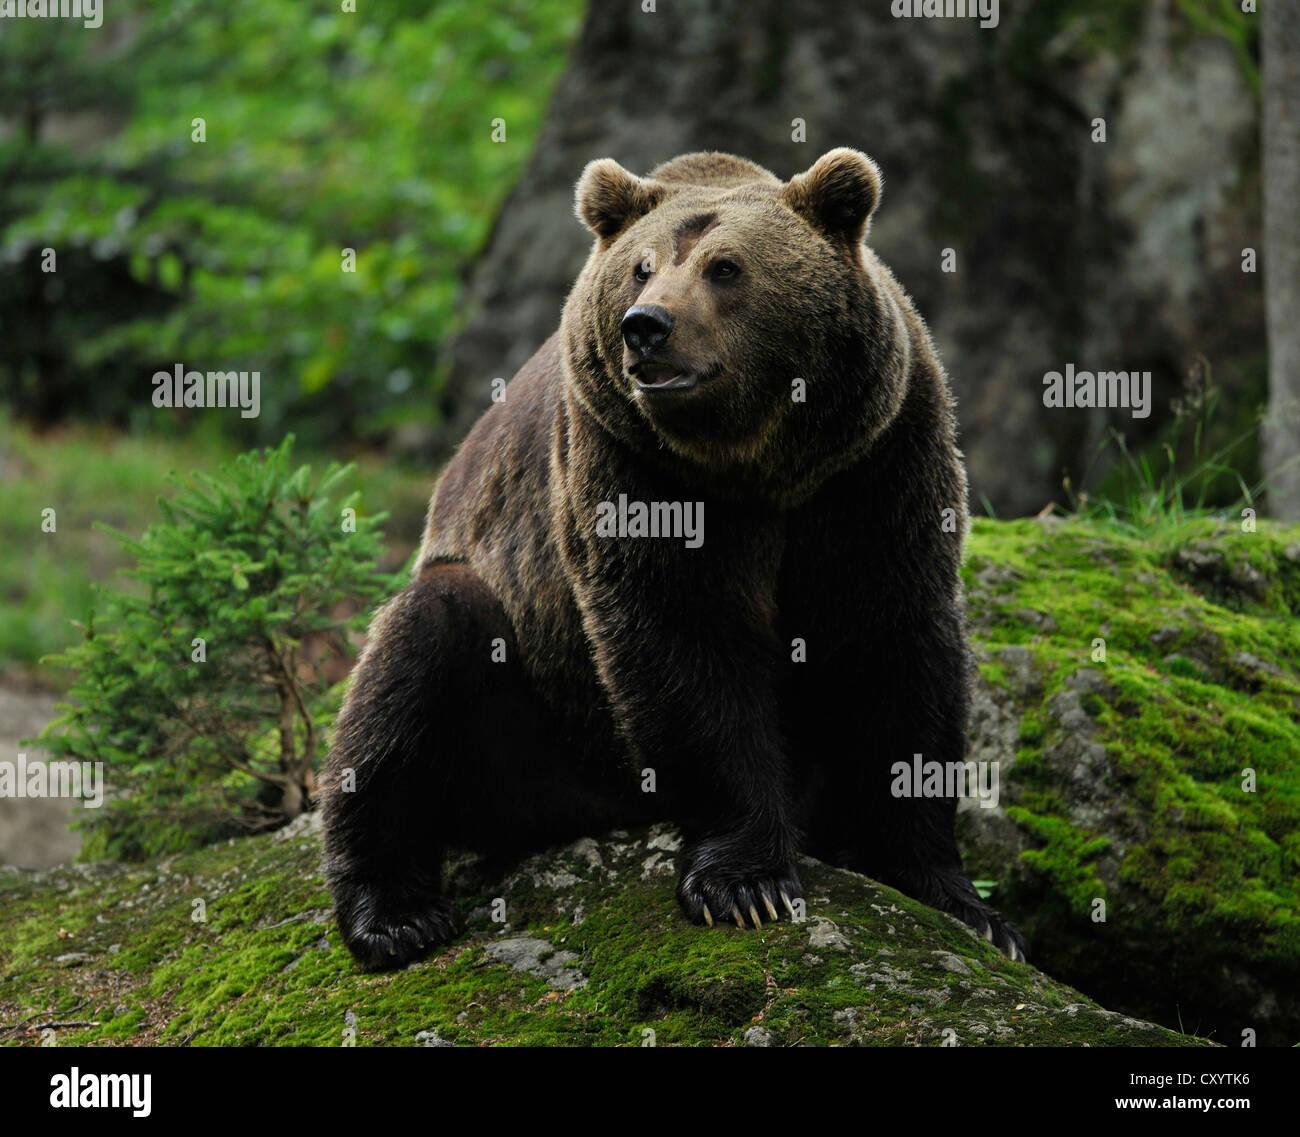 Europäischer Braunbär (Ursus Arctos), in einer geschlossenen Zone des Bayerischen Wald Nationalpark, Bayern Stockfoto